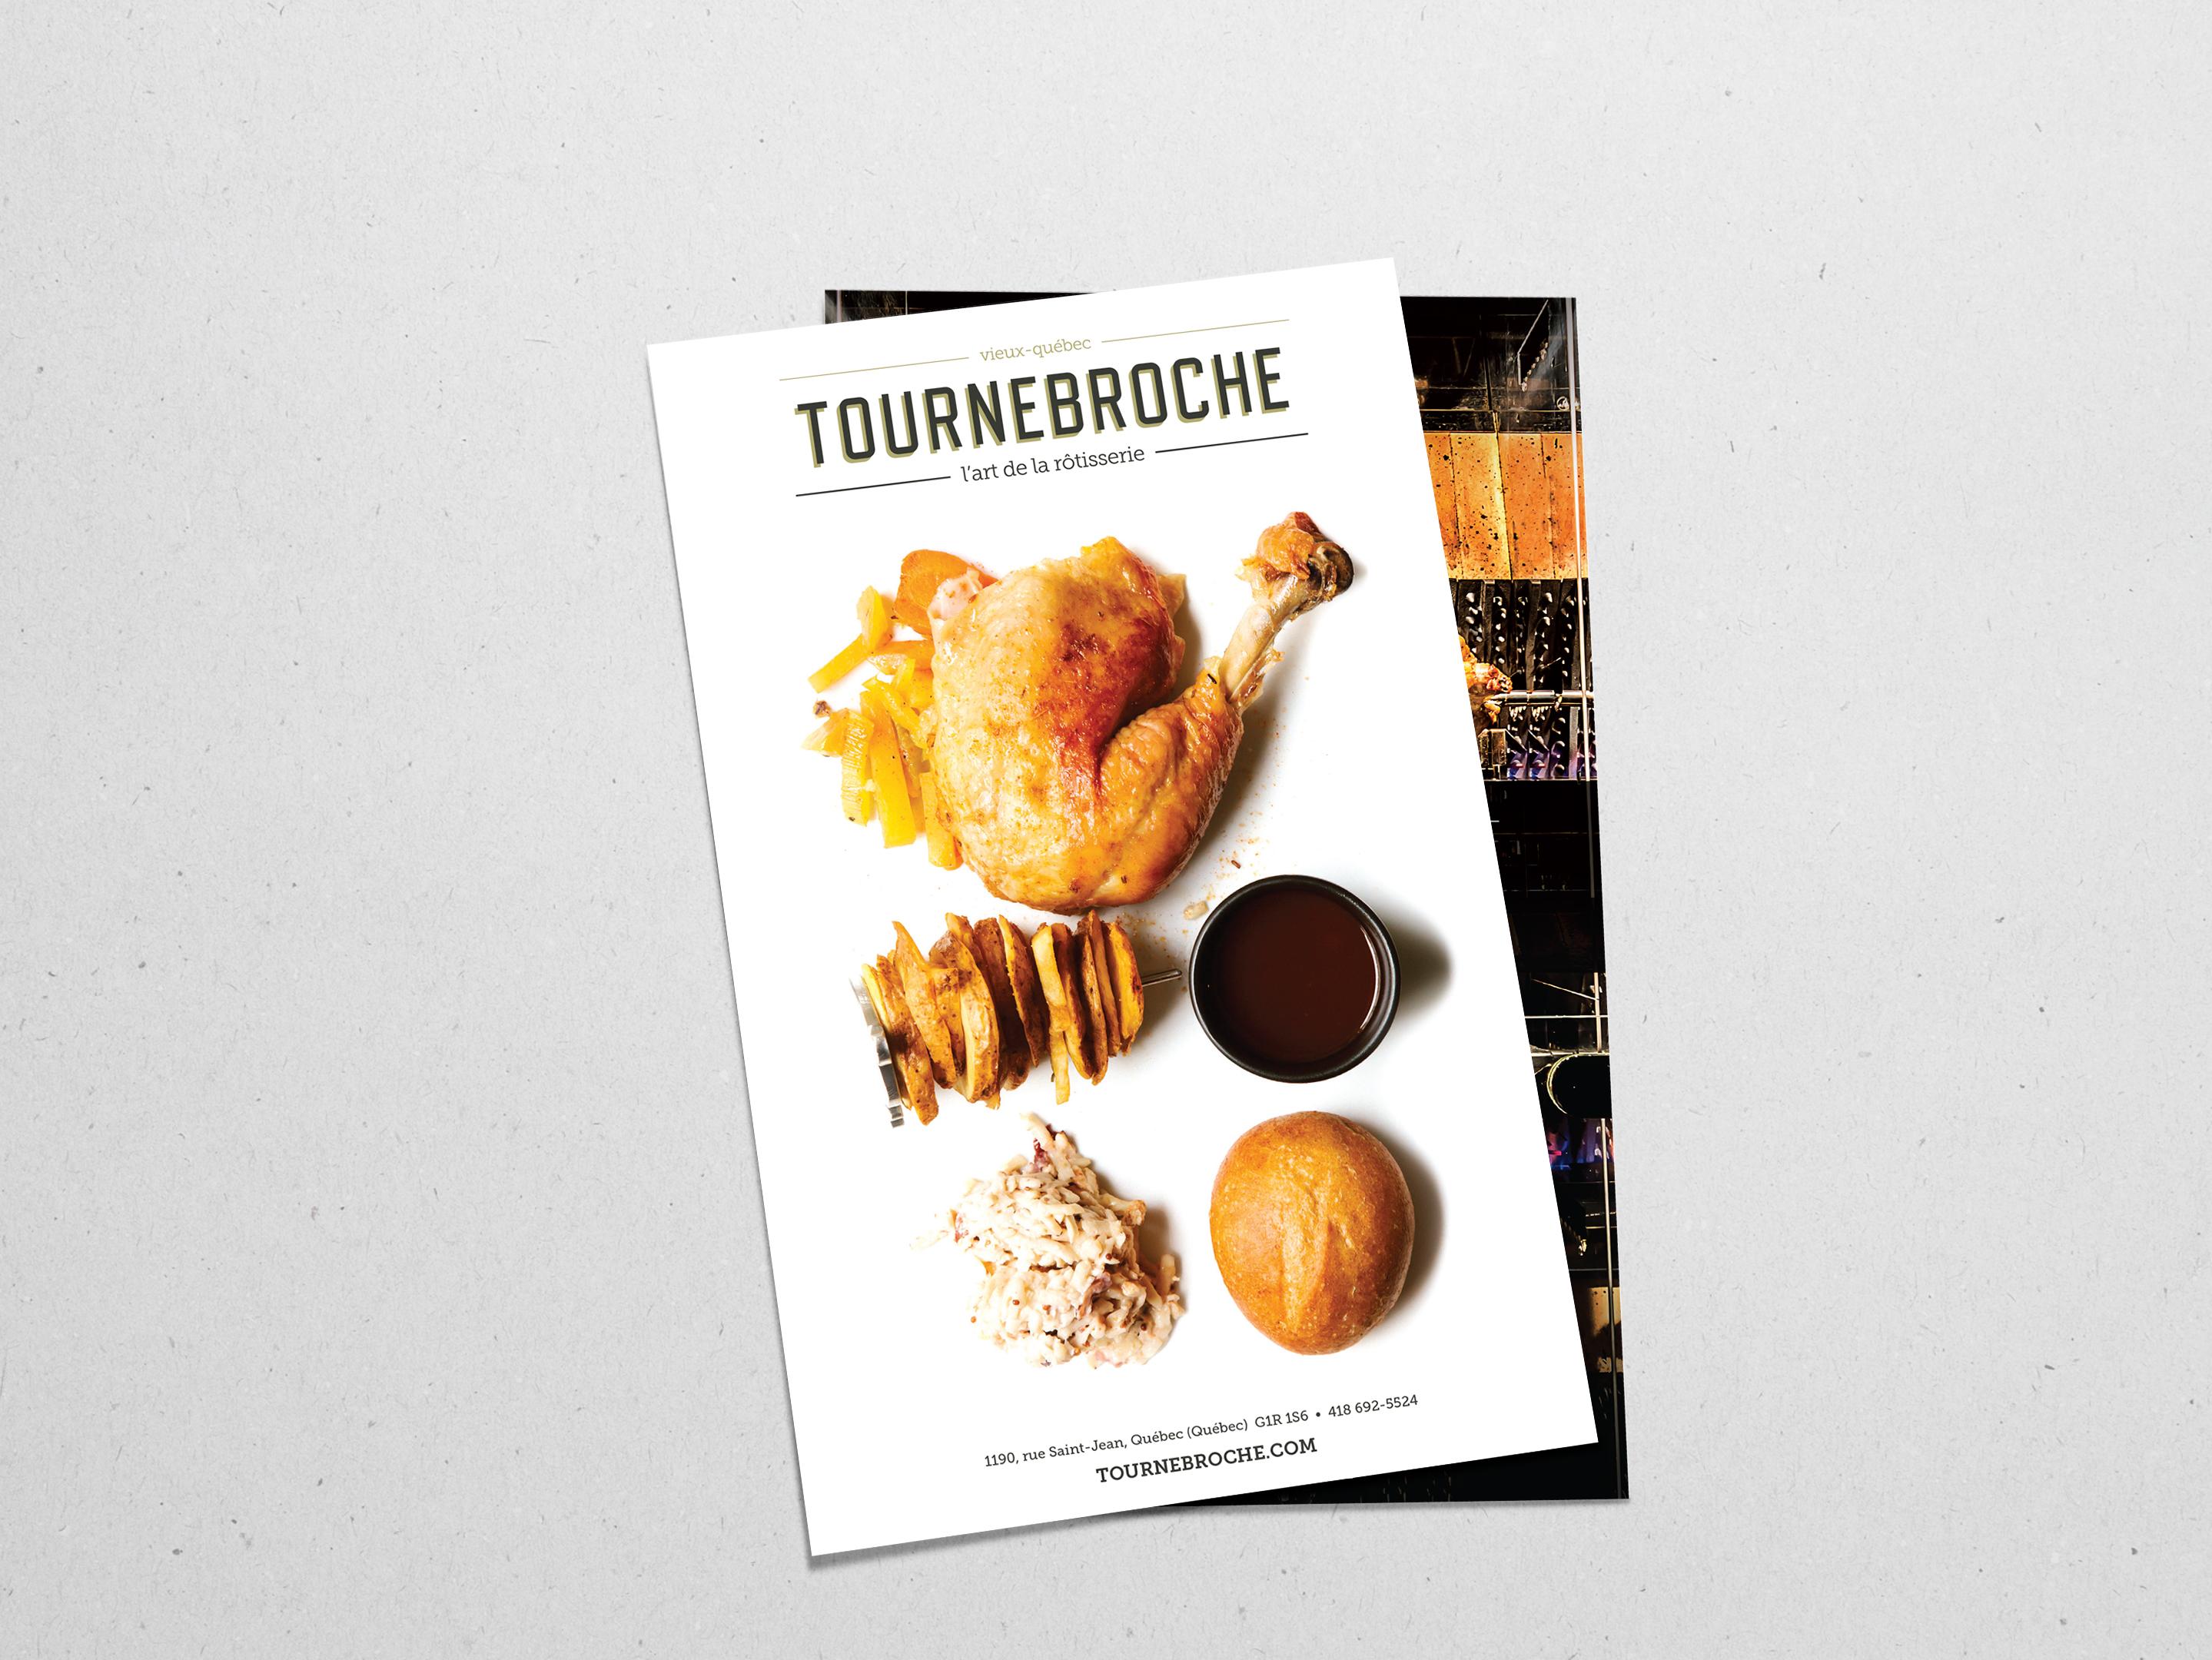 Tournebroche – Publicité Fou des Foodies